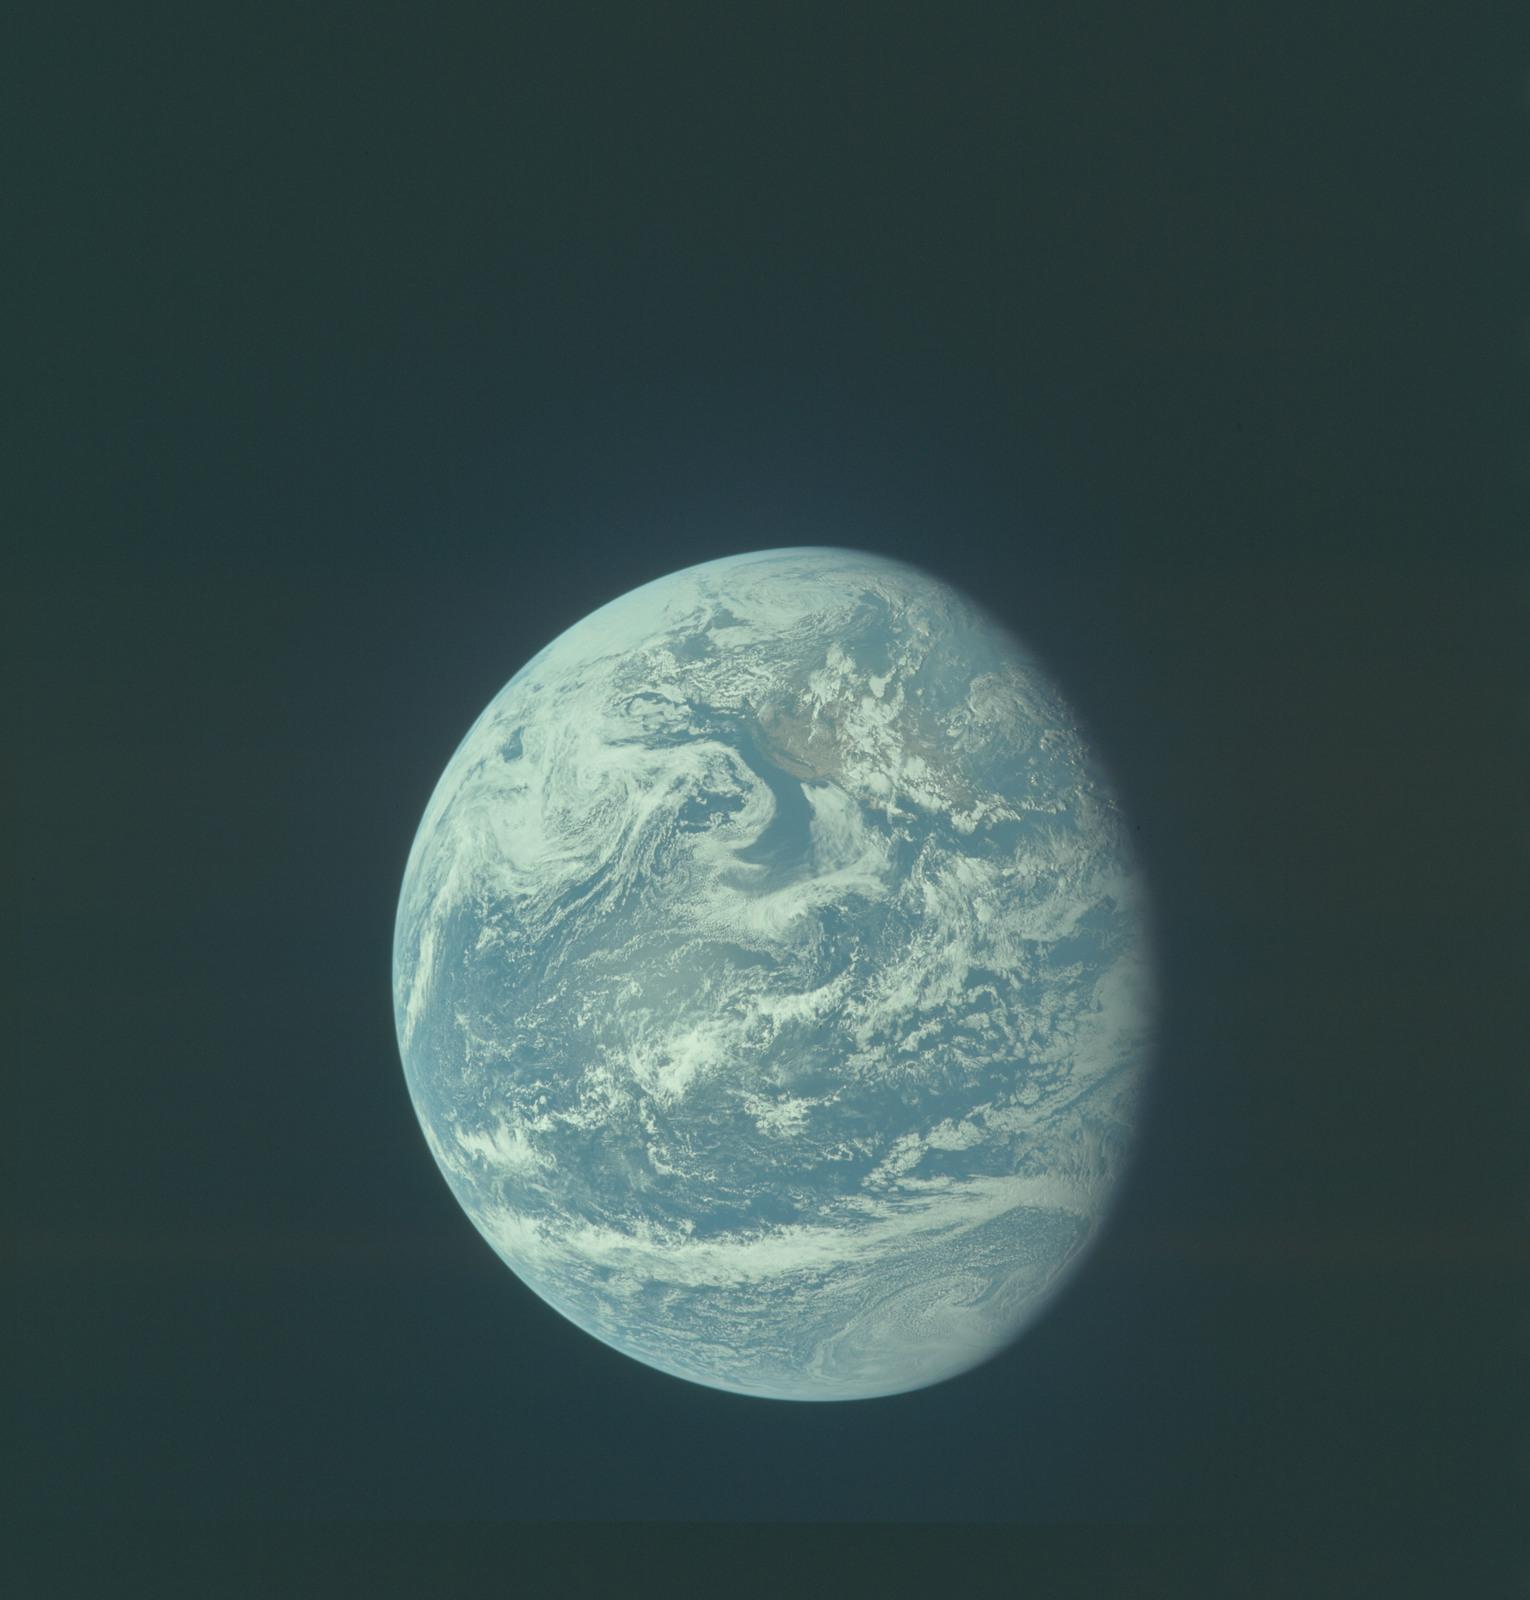 AS11-36-5340 - Apollo 11 - Apollo 11 Mission image - Earth view over Central and North America